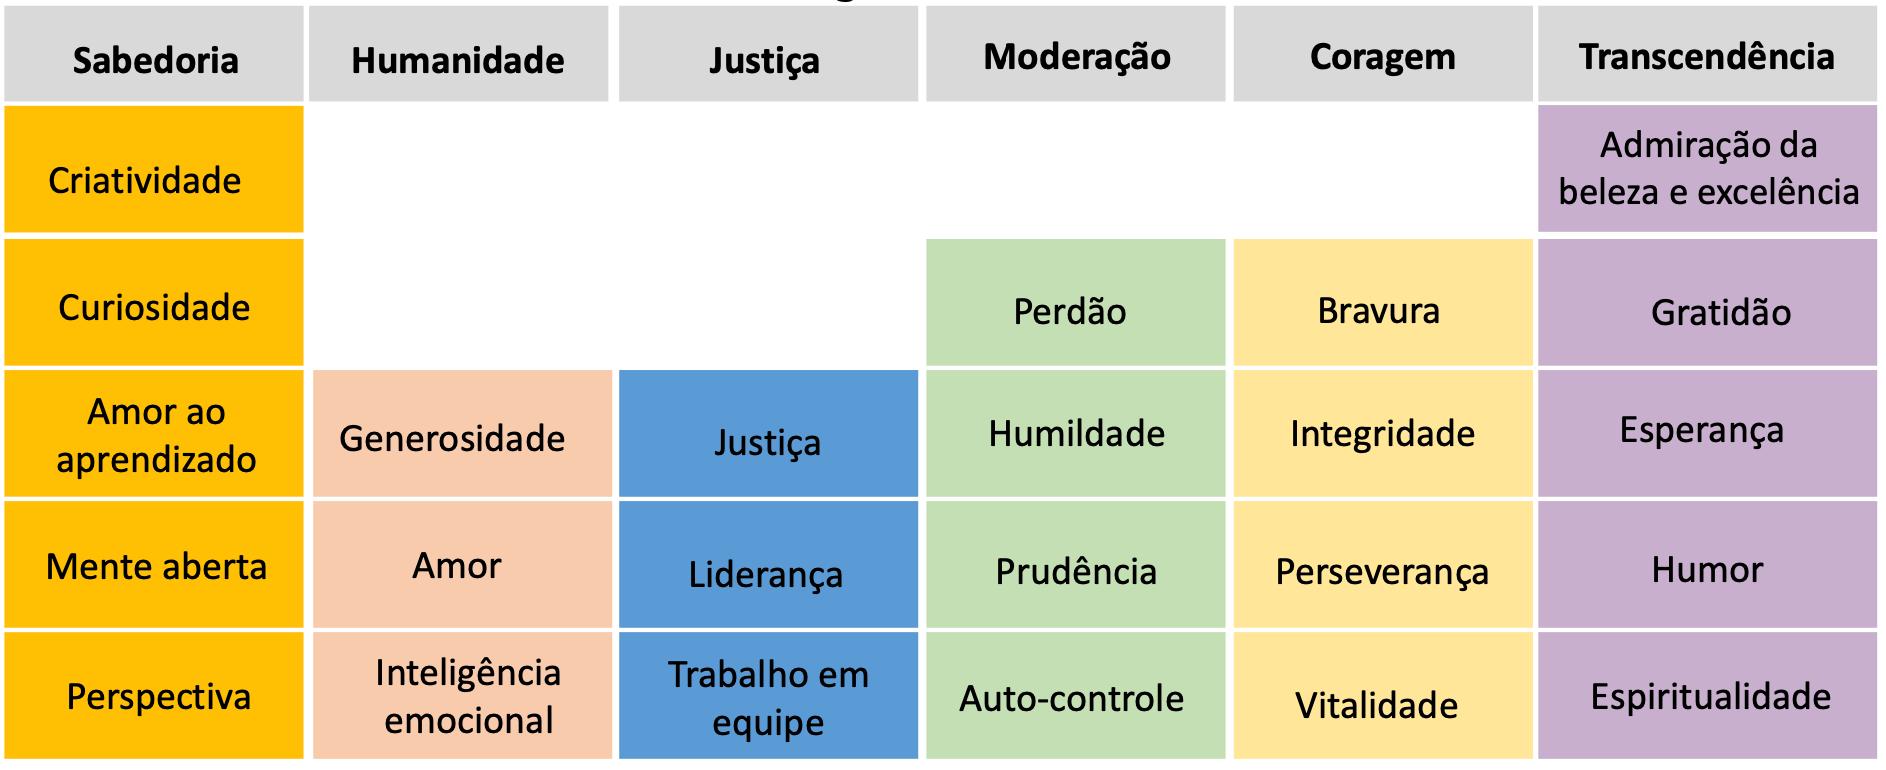 Virtudes e forças de caráter (crédito da imagem para o professor Gustavo Arns)